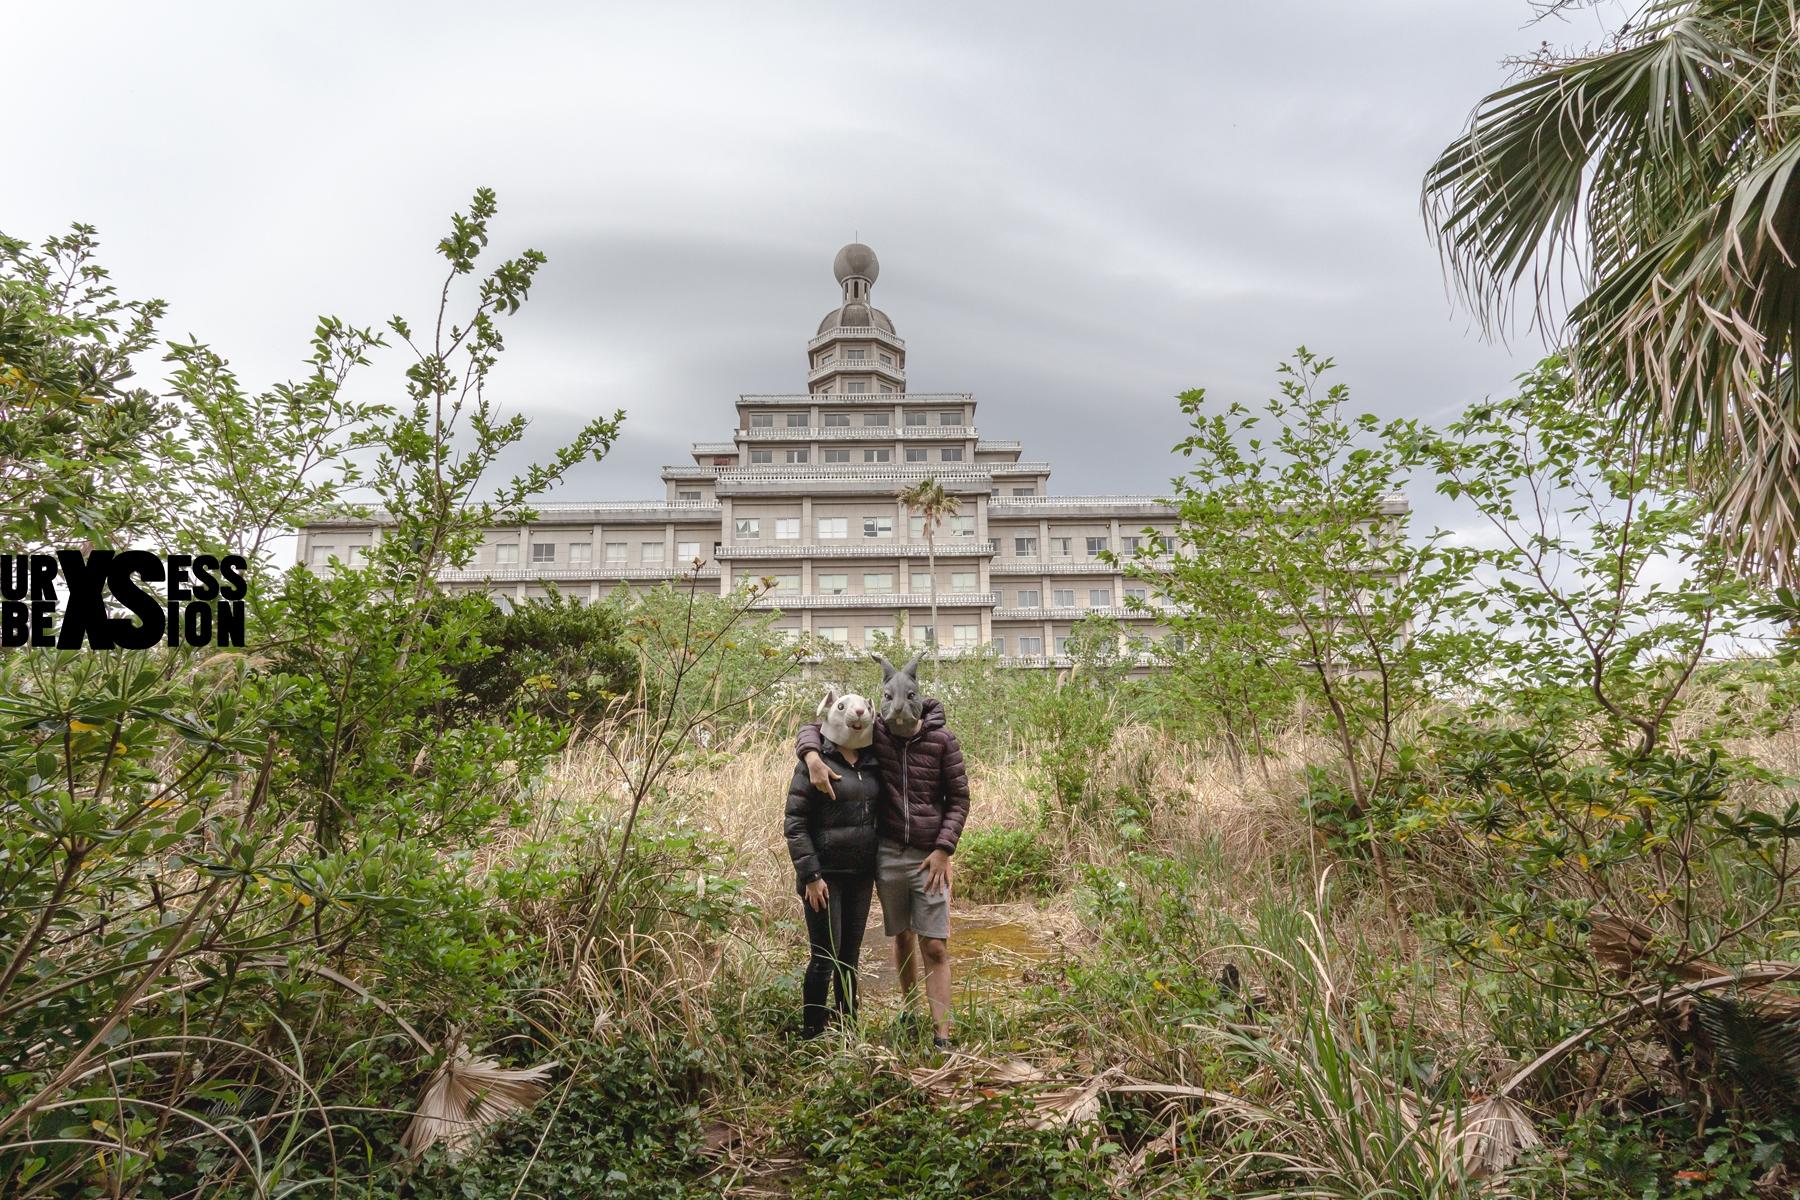 Hôtel abandonné sur l'île d'Hachijo-jima au Japon | urbexsession.com/hachijo-royal-hotel | Urbex Japon